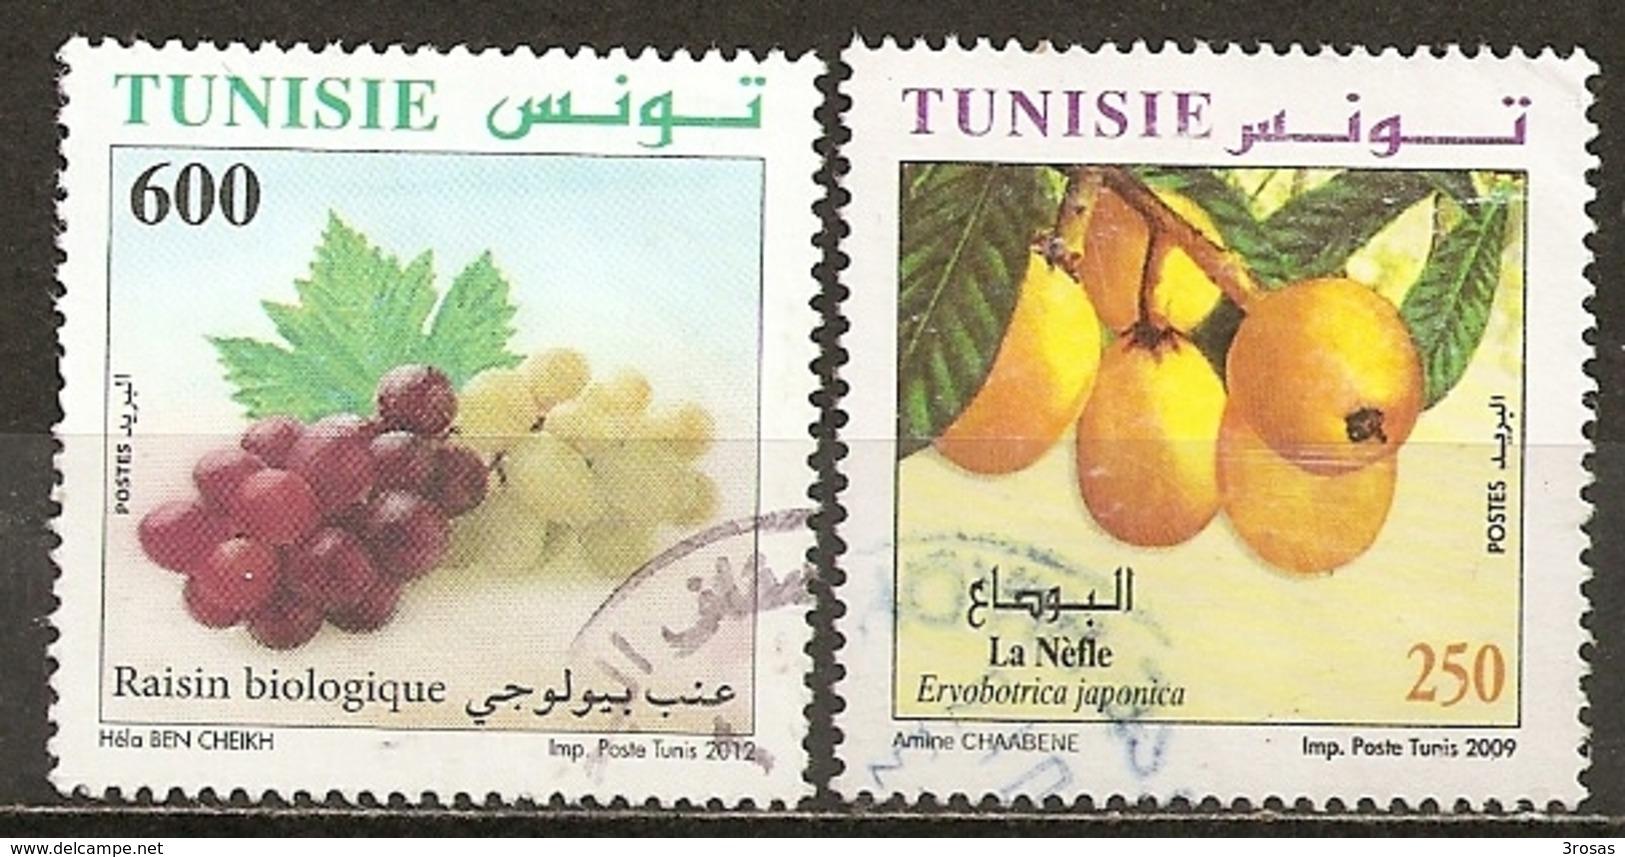 Tunesie Tunesia 2012 Raisin Biologique Grapes Etc Obl - Tunisie (1956-...)